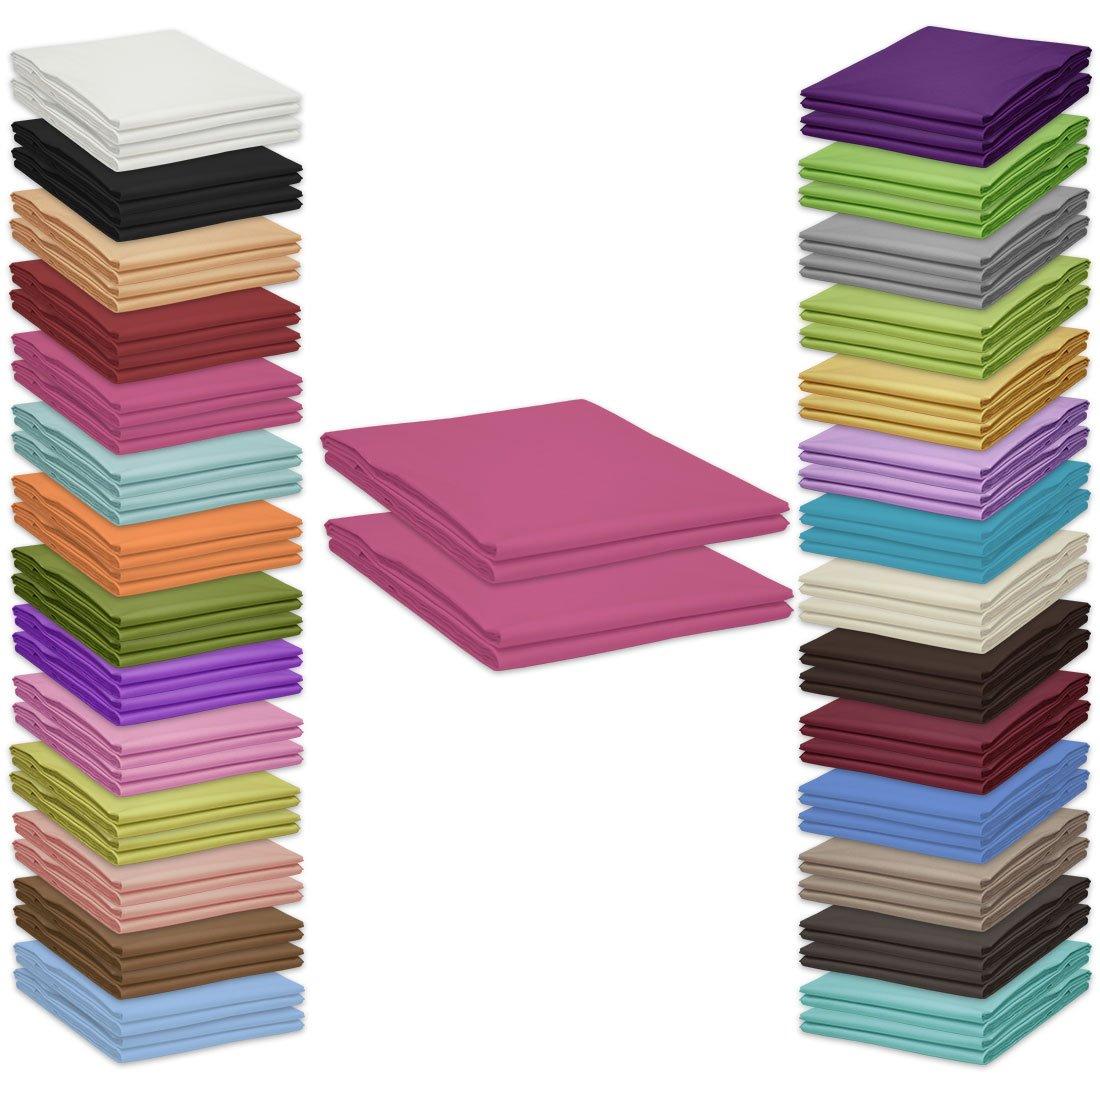 Qool24 Klassische Doppelpack Bettlaken 210x240cm zahlreiche Unifarben 100/% Baumwolle Betttuch zum unterstecken Pink 140x200cm /& 160x200cm